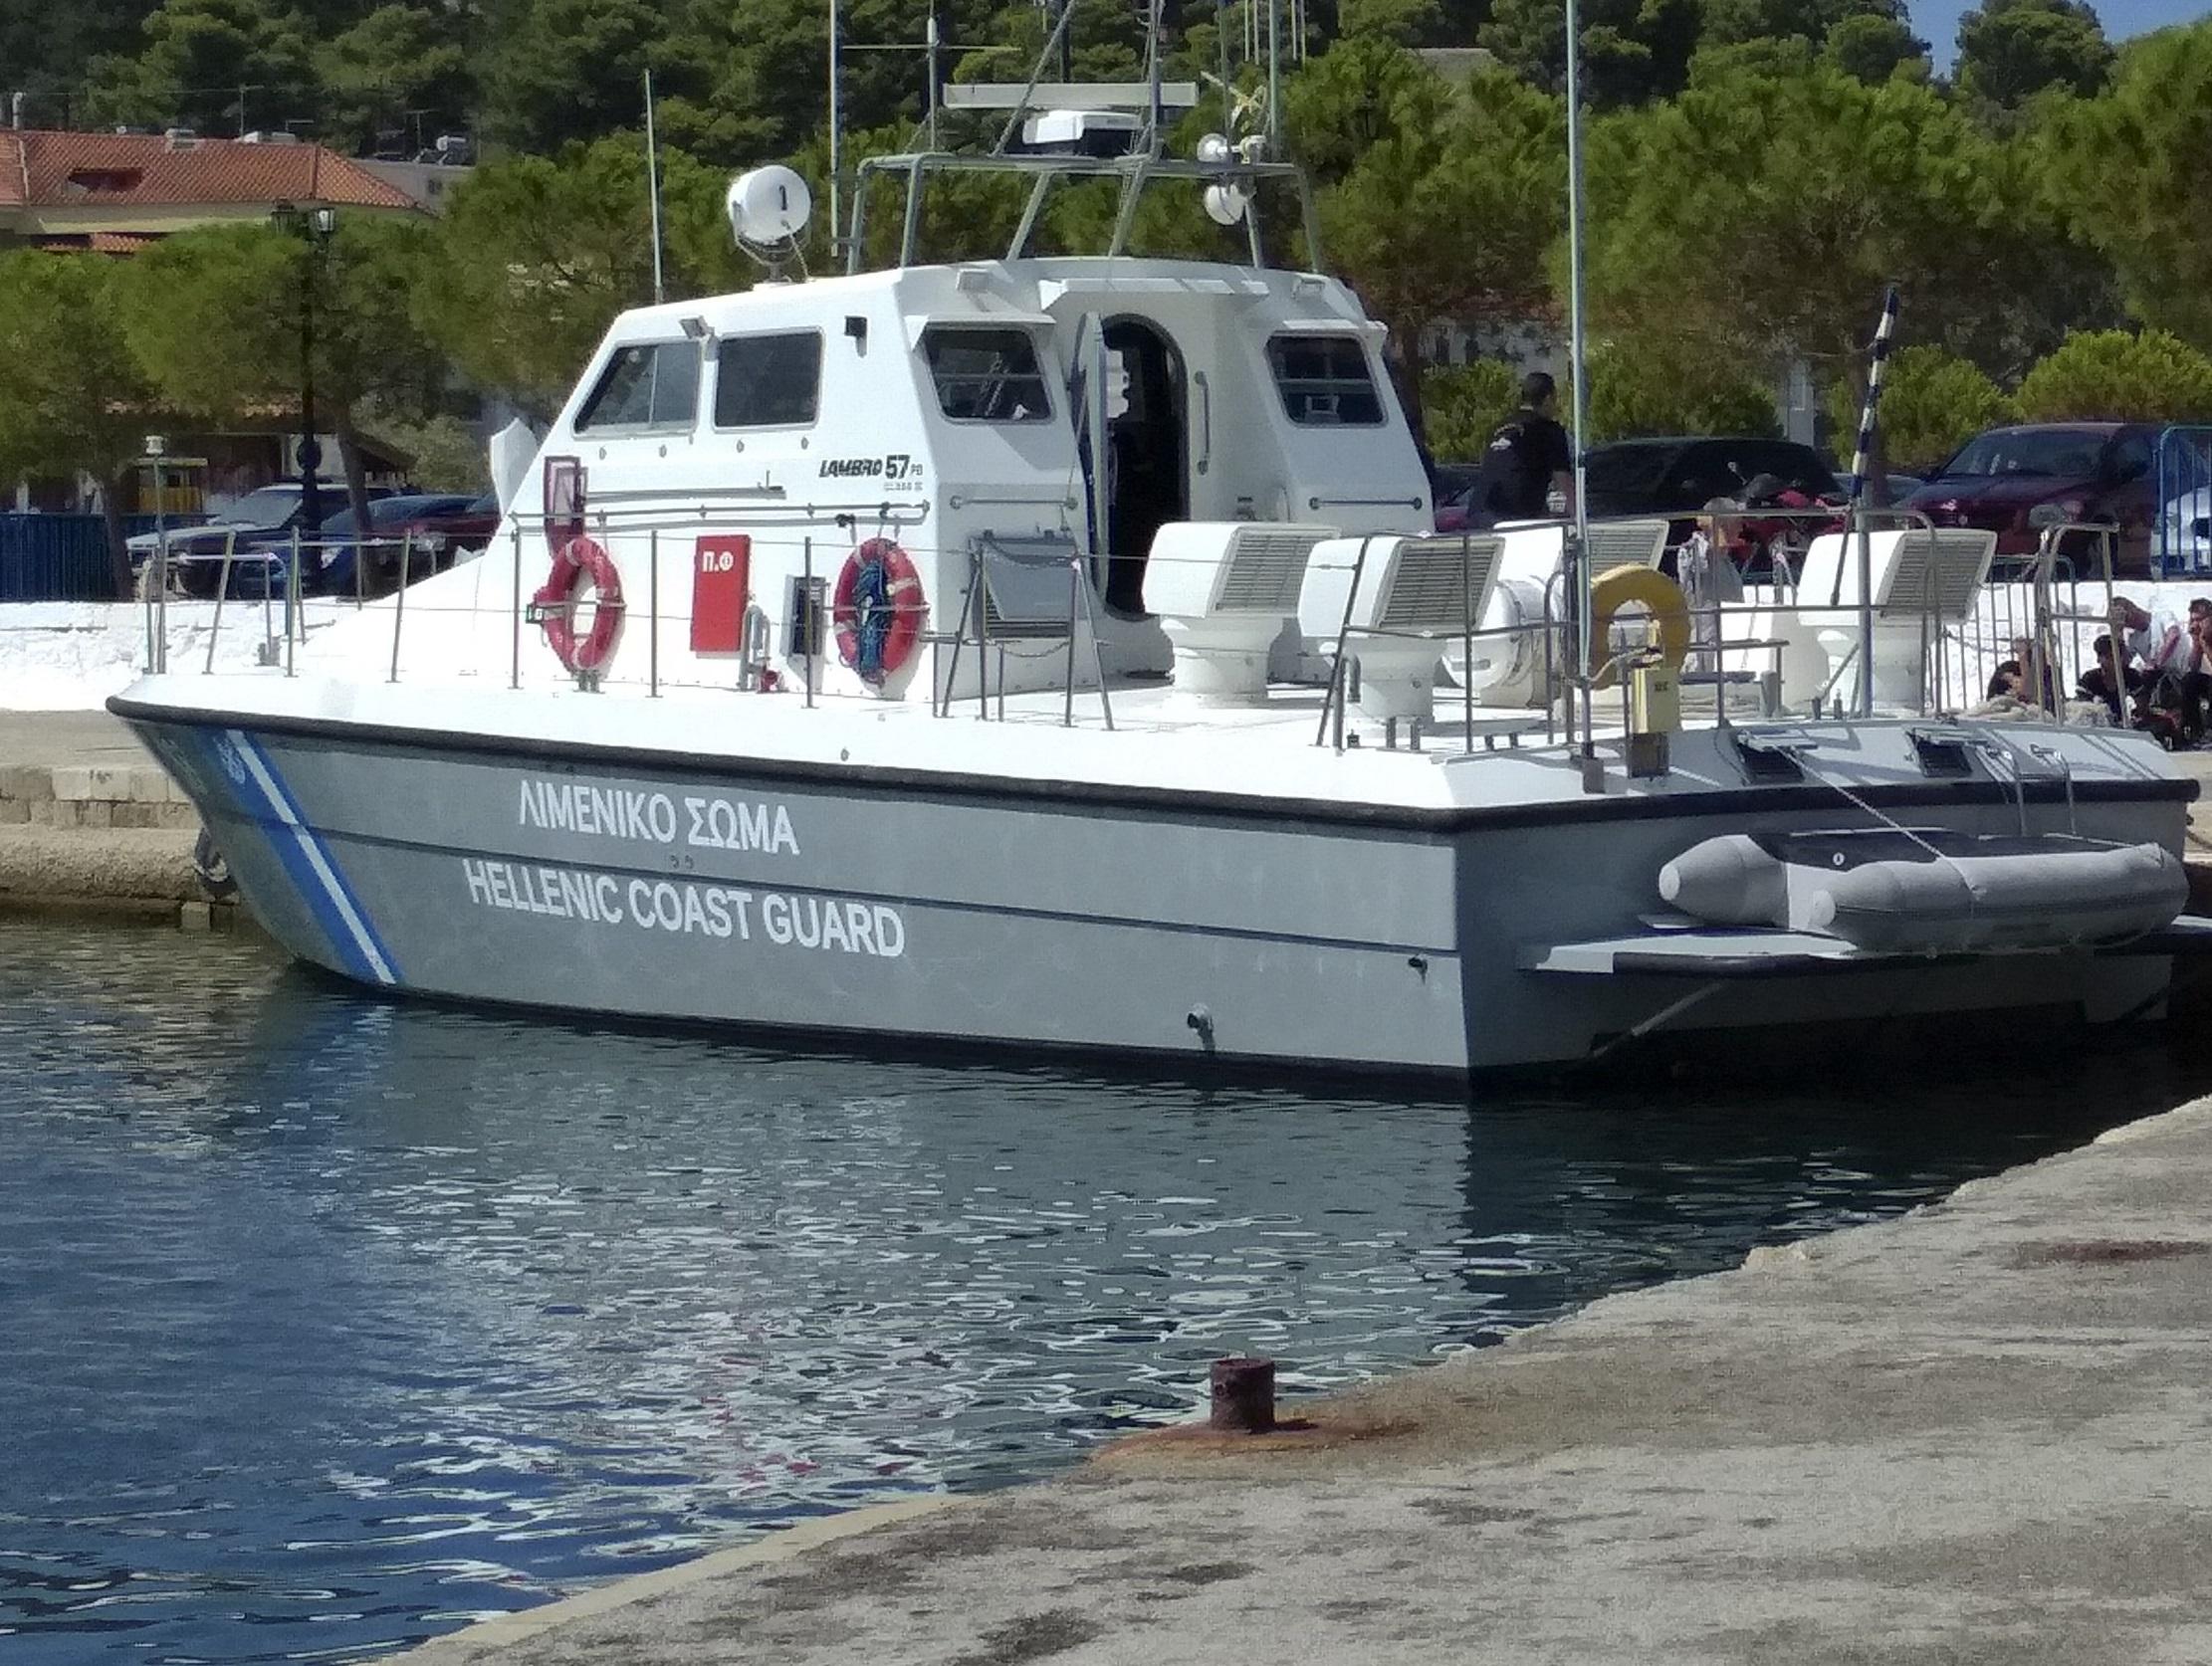 Ακυβέρνητο σκάφος με… μεθυσμένο κυβερνήτη στην Κρήτη!